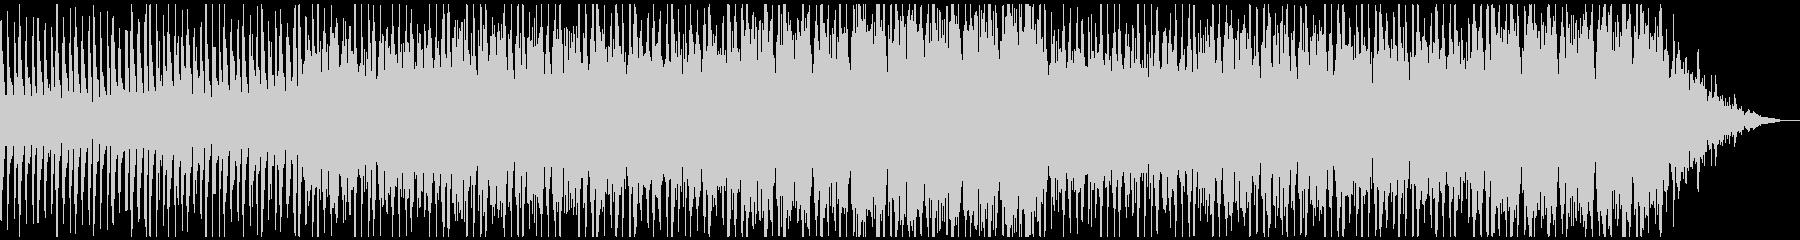 オーケストラの応援ソングの未再生の波形